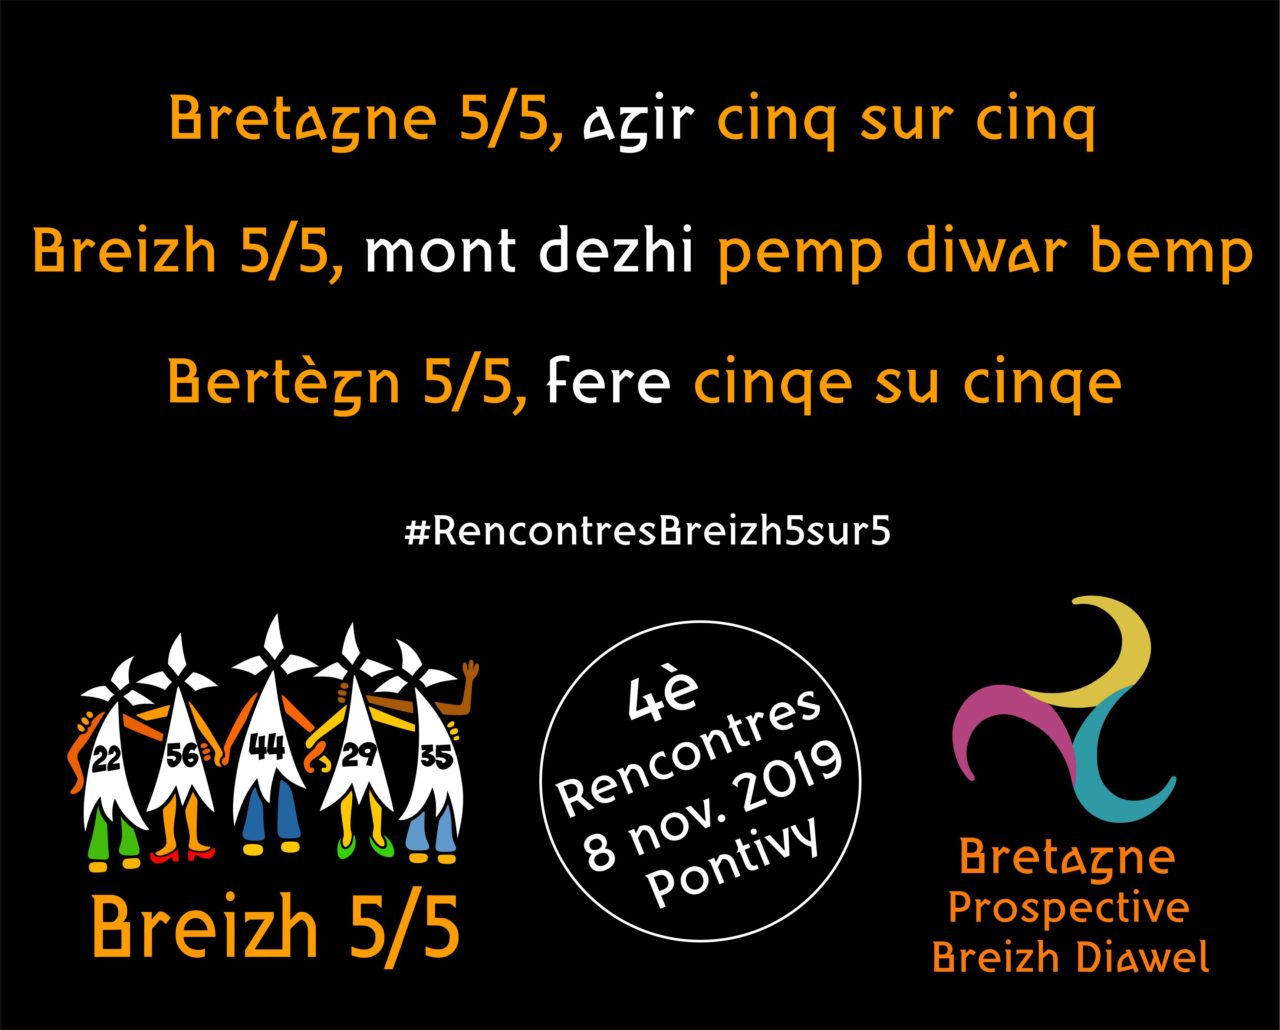 Rencontres Breizh 5/5 de Pontivy